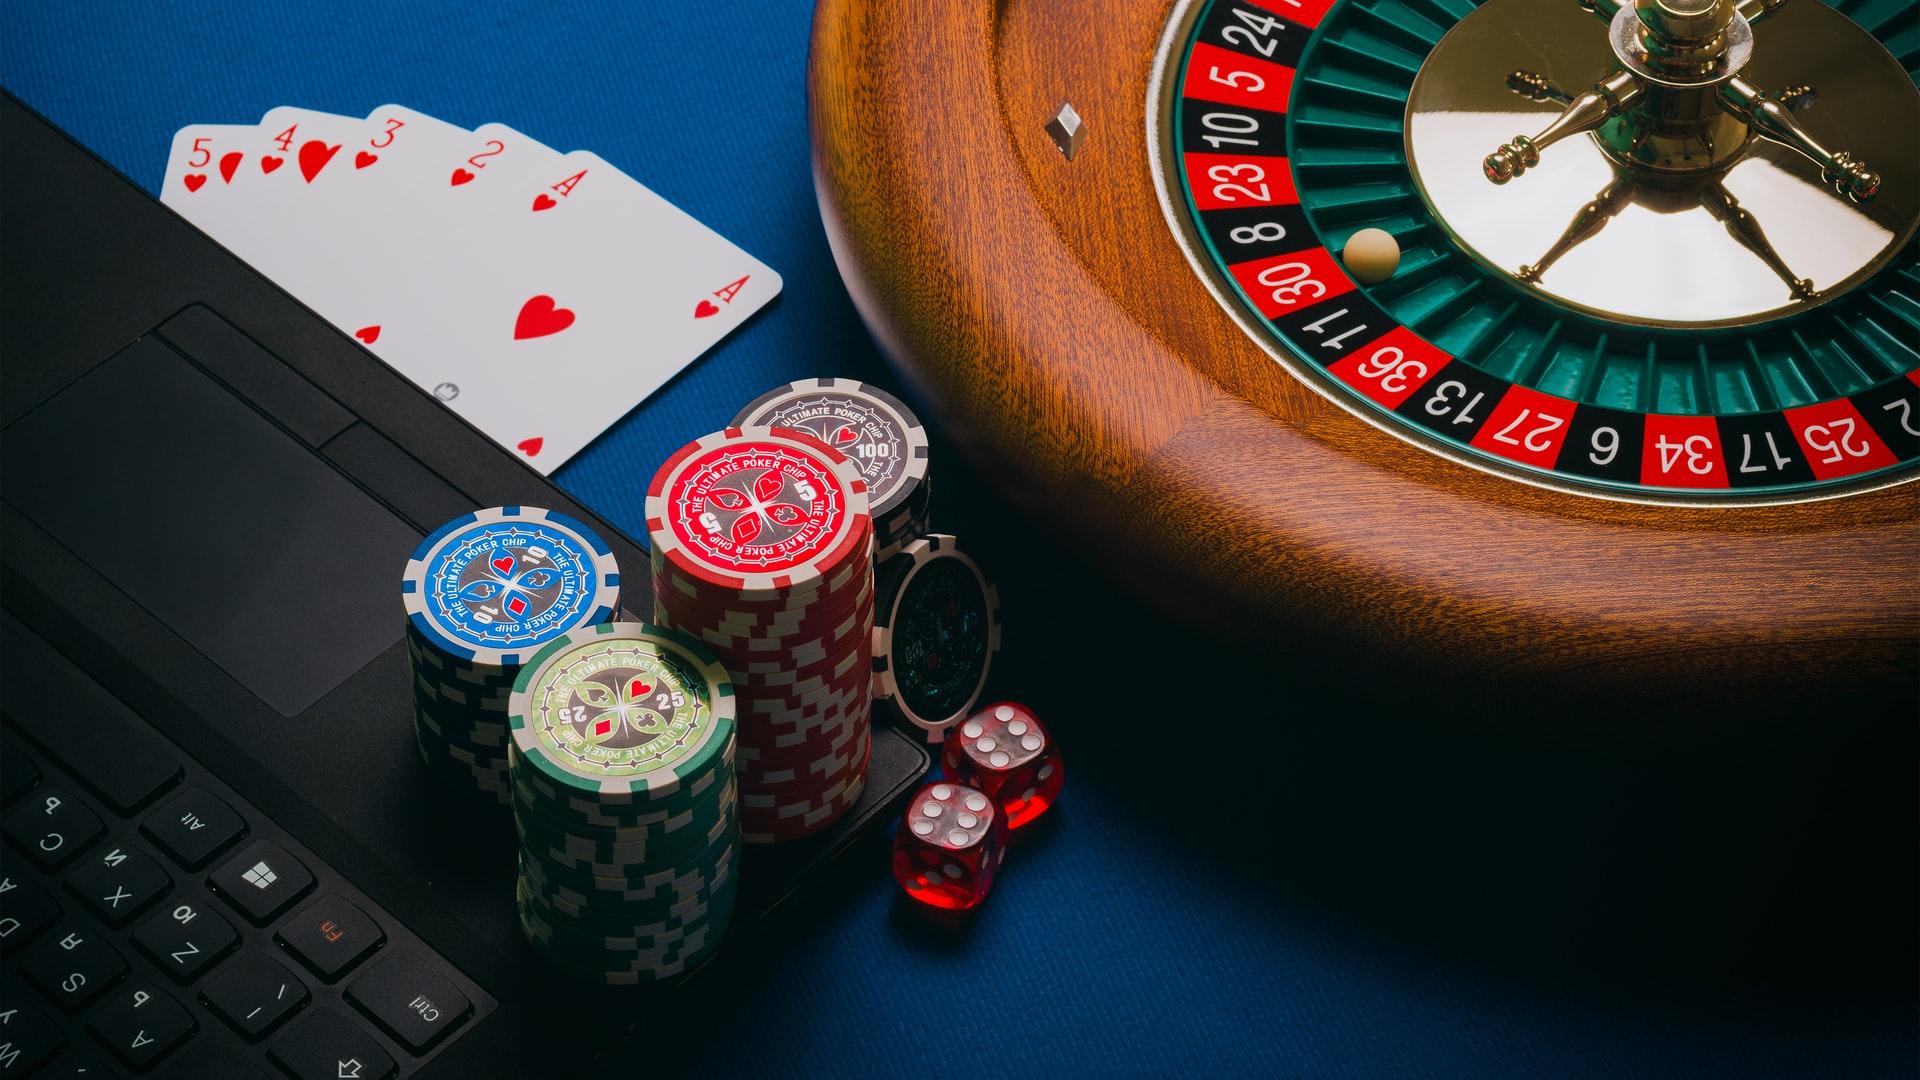 Online gambling stock image